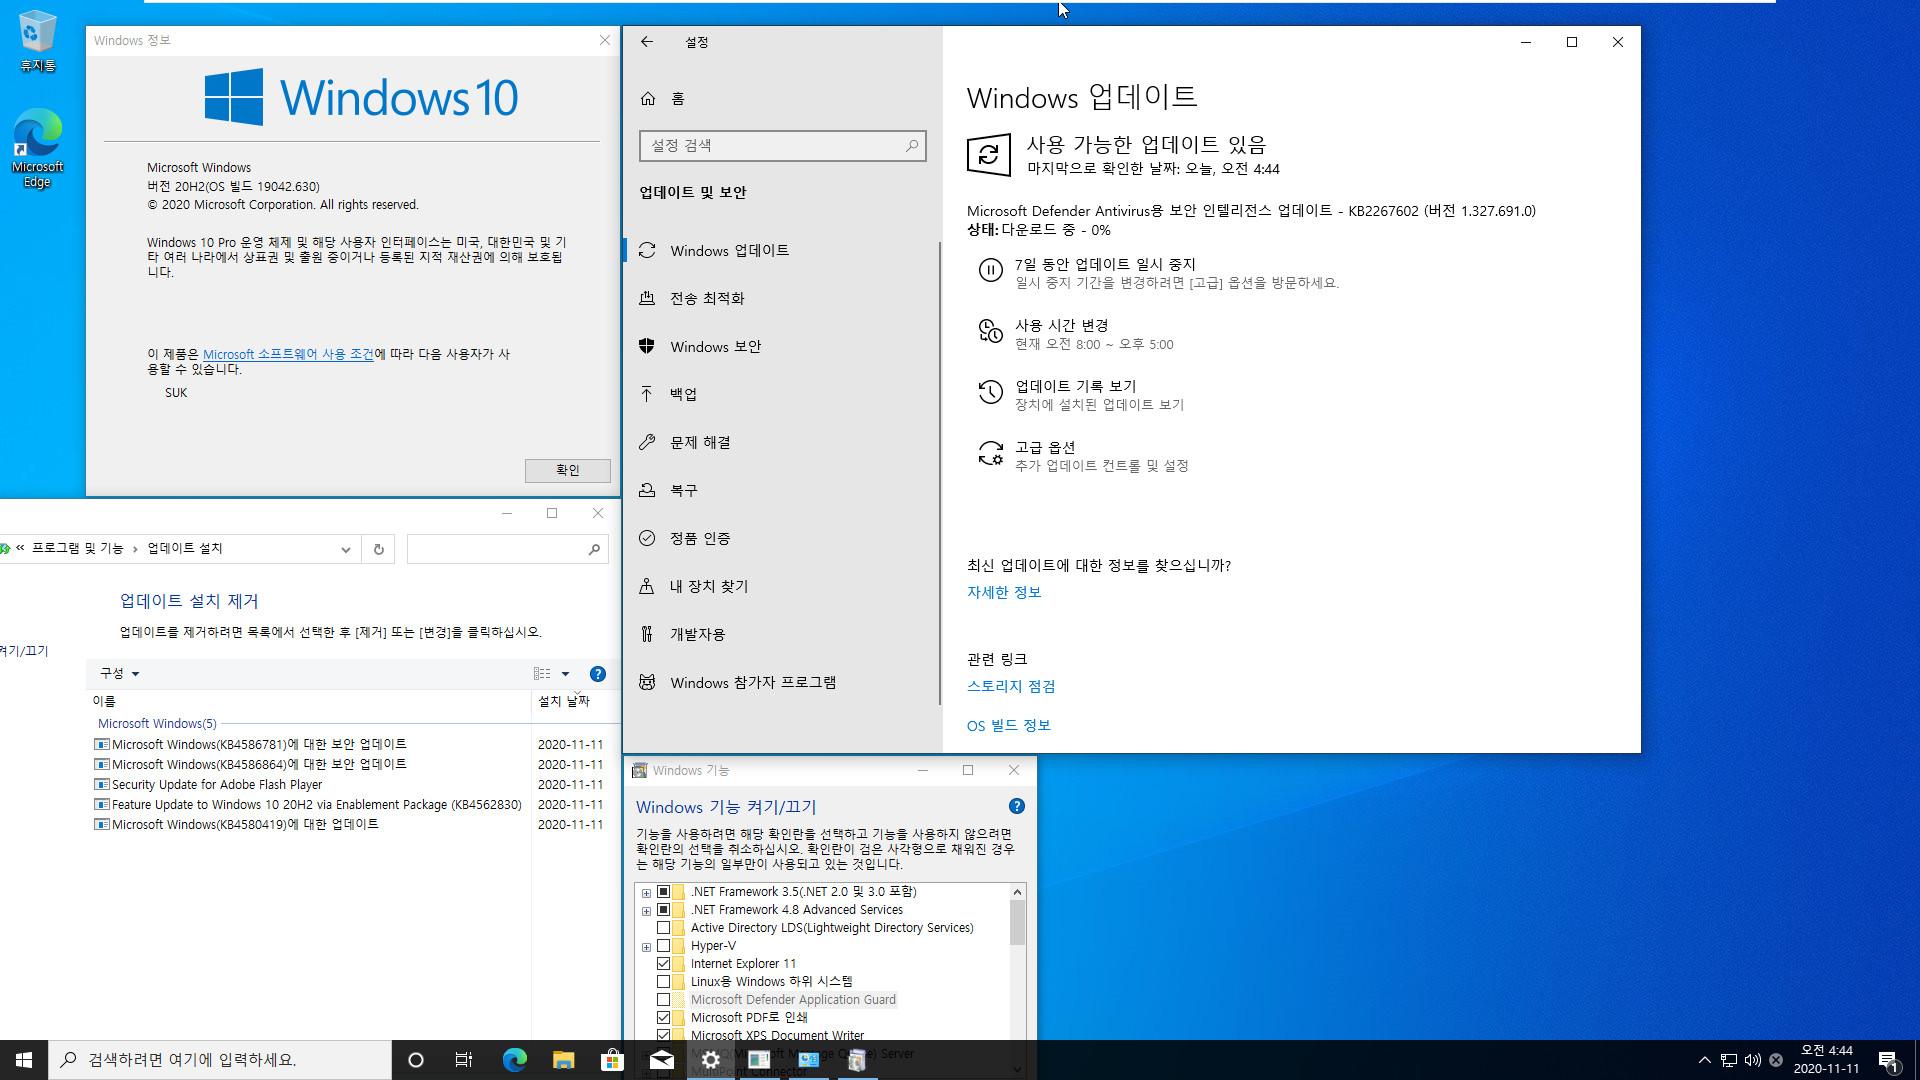 2020-11-11 수요일 정기 업데이트 통합 PRO x64 2개 - Windows 10 버전 2004 + 버전 20H2 누적 업데이트 KB4586781 (OS 빌드 19041.630 + 19042.630) - 설치 테스트 2020-11-11_044418.jpg